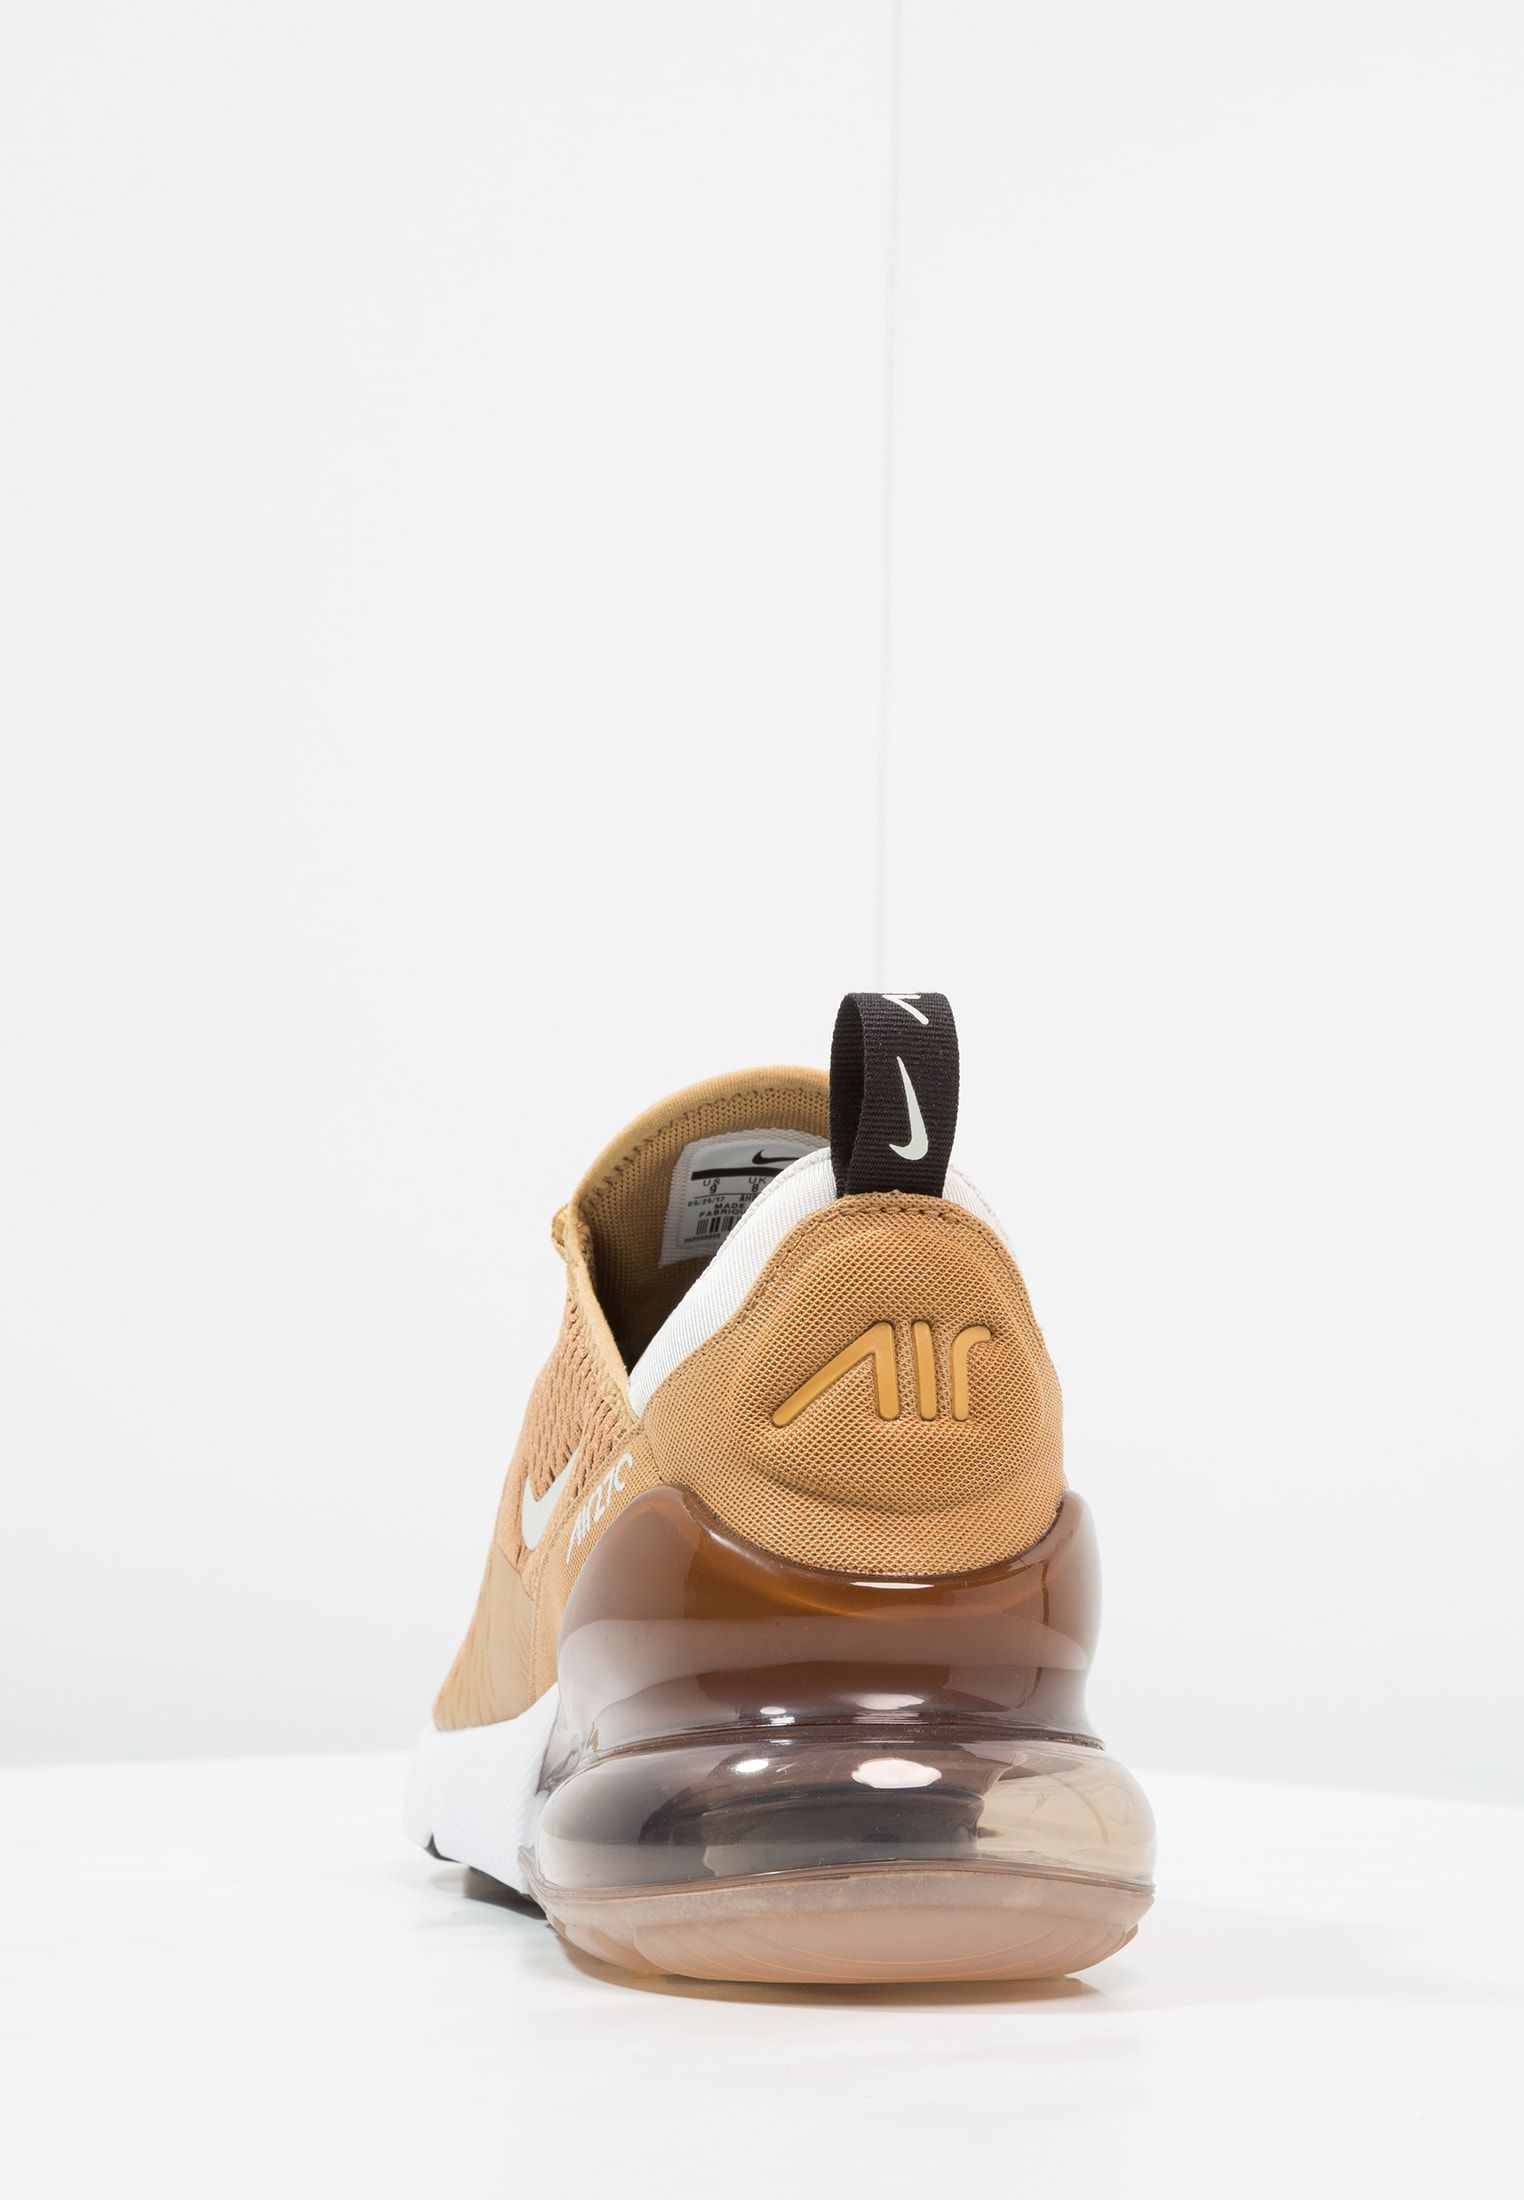 Nike Sportswear Air Max 270 Sneakers Laag Elemental Gold Black Light Bone Zalando Nl Air Max Sneakers Air Max 270